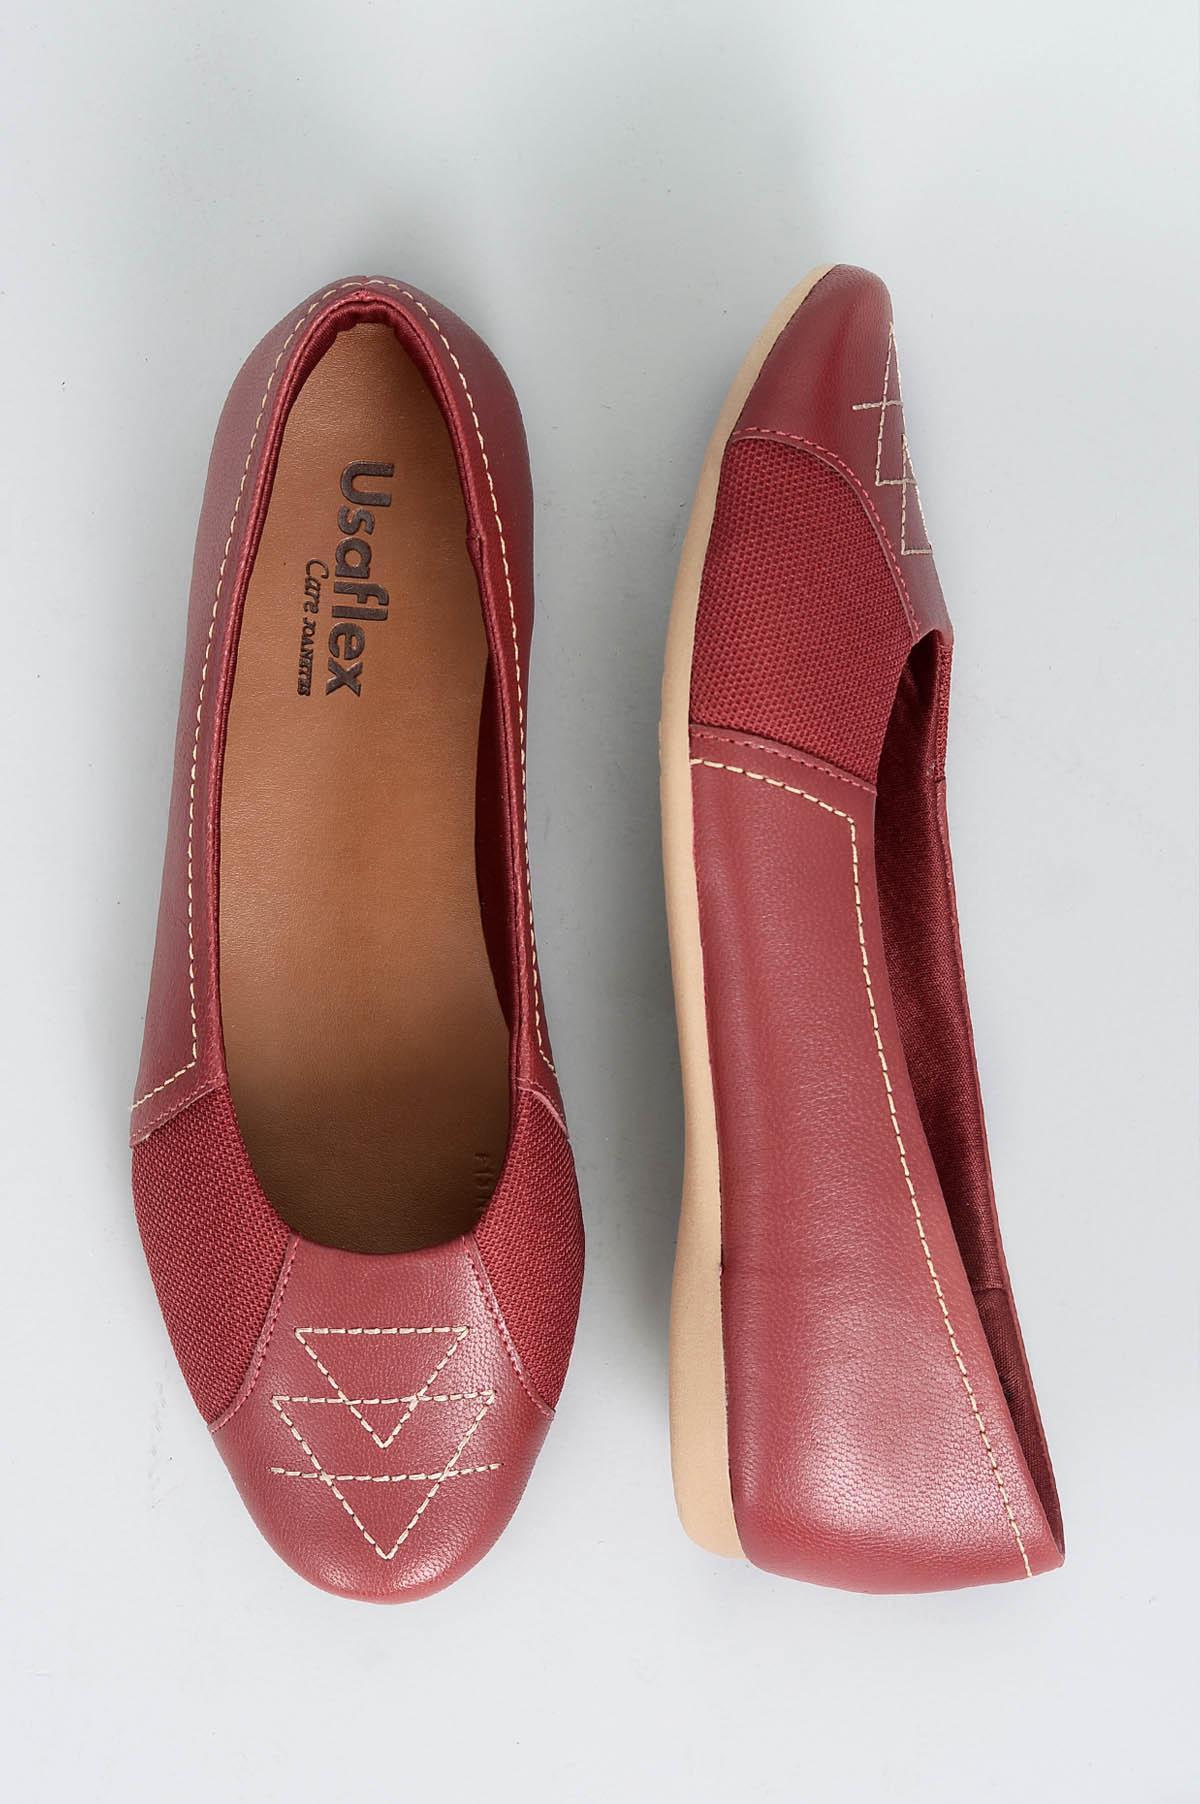 497b5acf59bbd Sapatilha Feminina Siena Usaflex CR-VERMELHO - Mundial Calçados